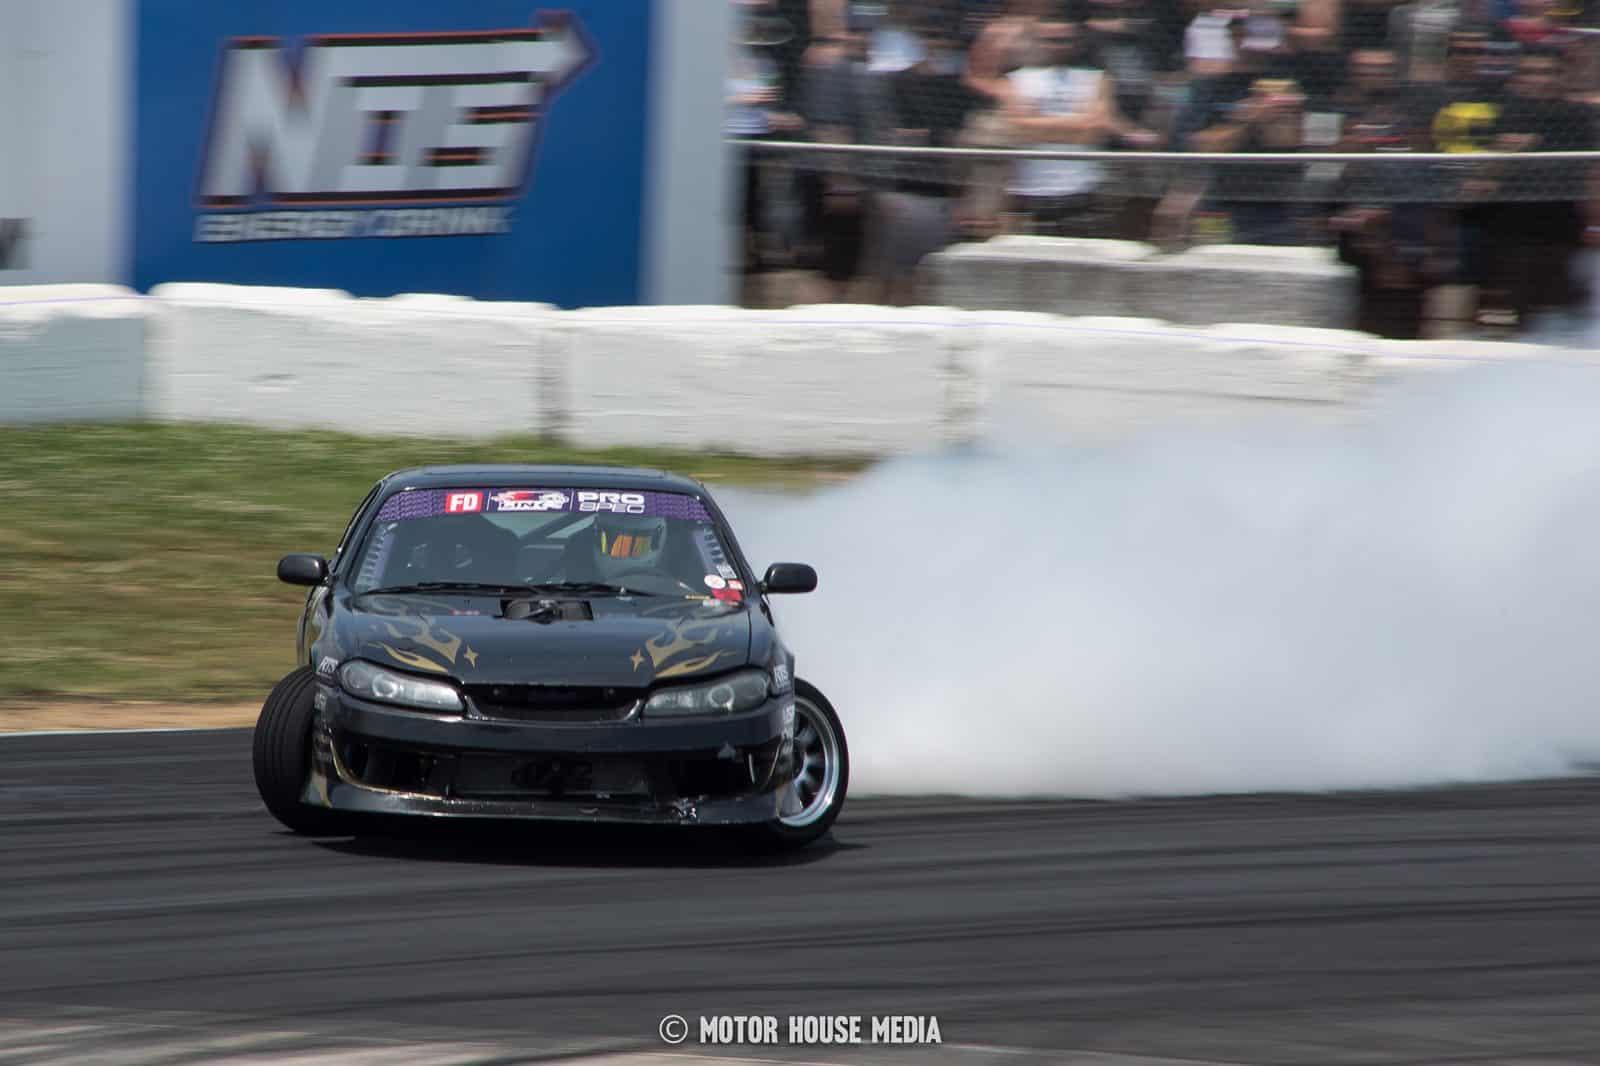 Derek Madison in his Fuellab Formal Drift car